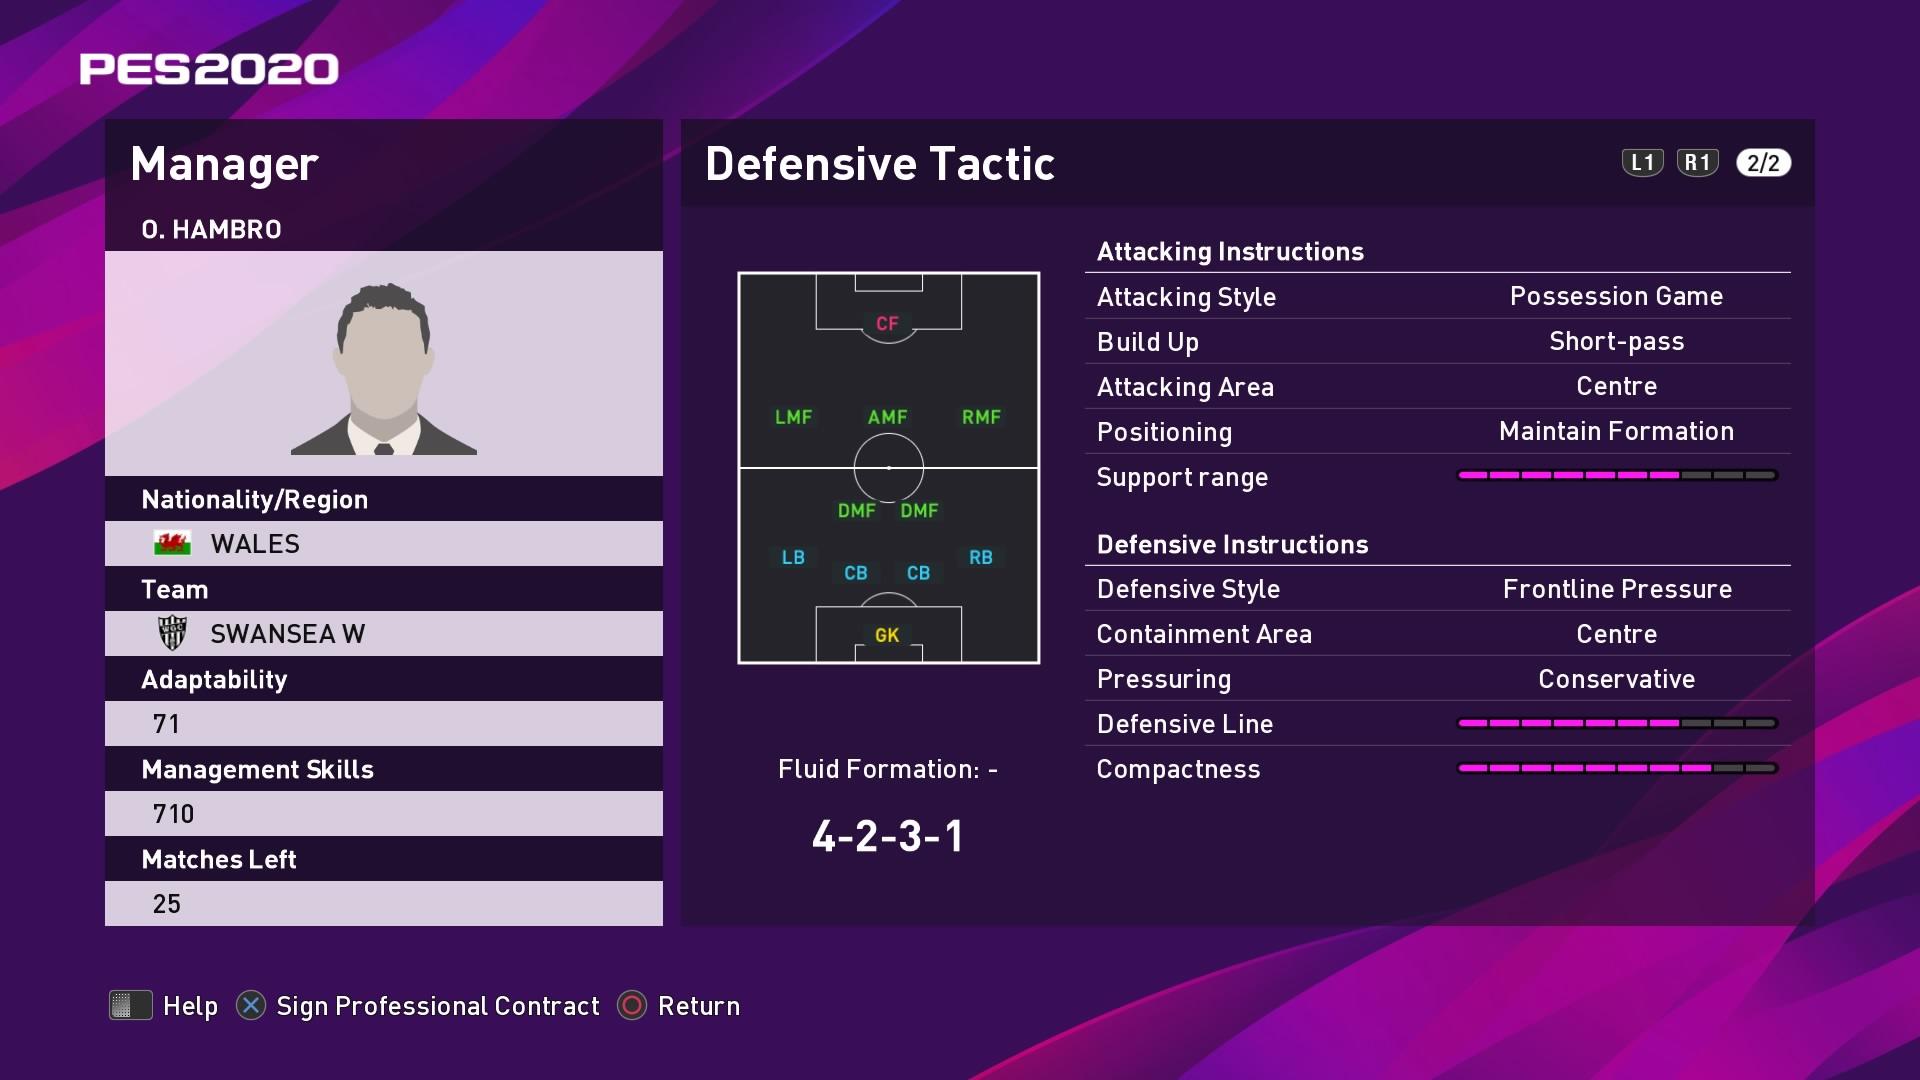 O. Hambro (Steve Cooper) Defensive Tactic in PES 2020 myClub